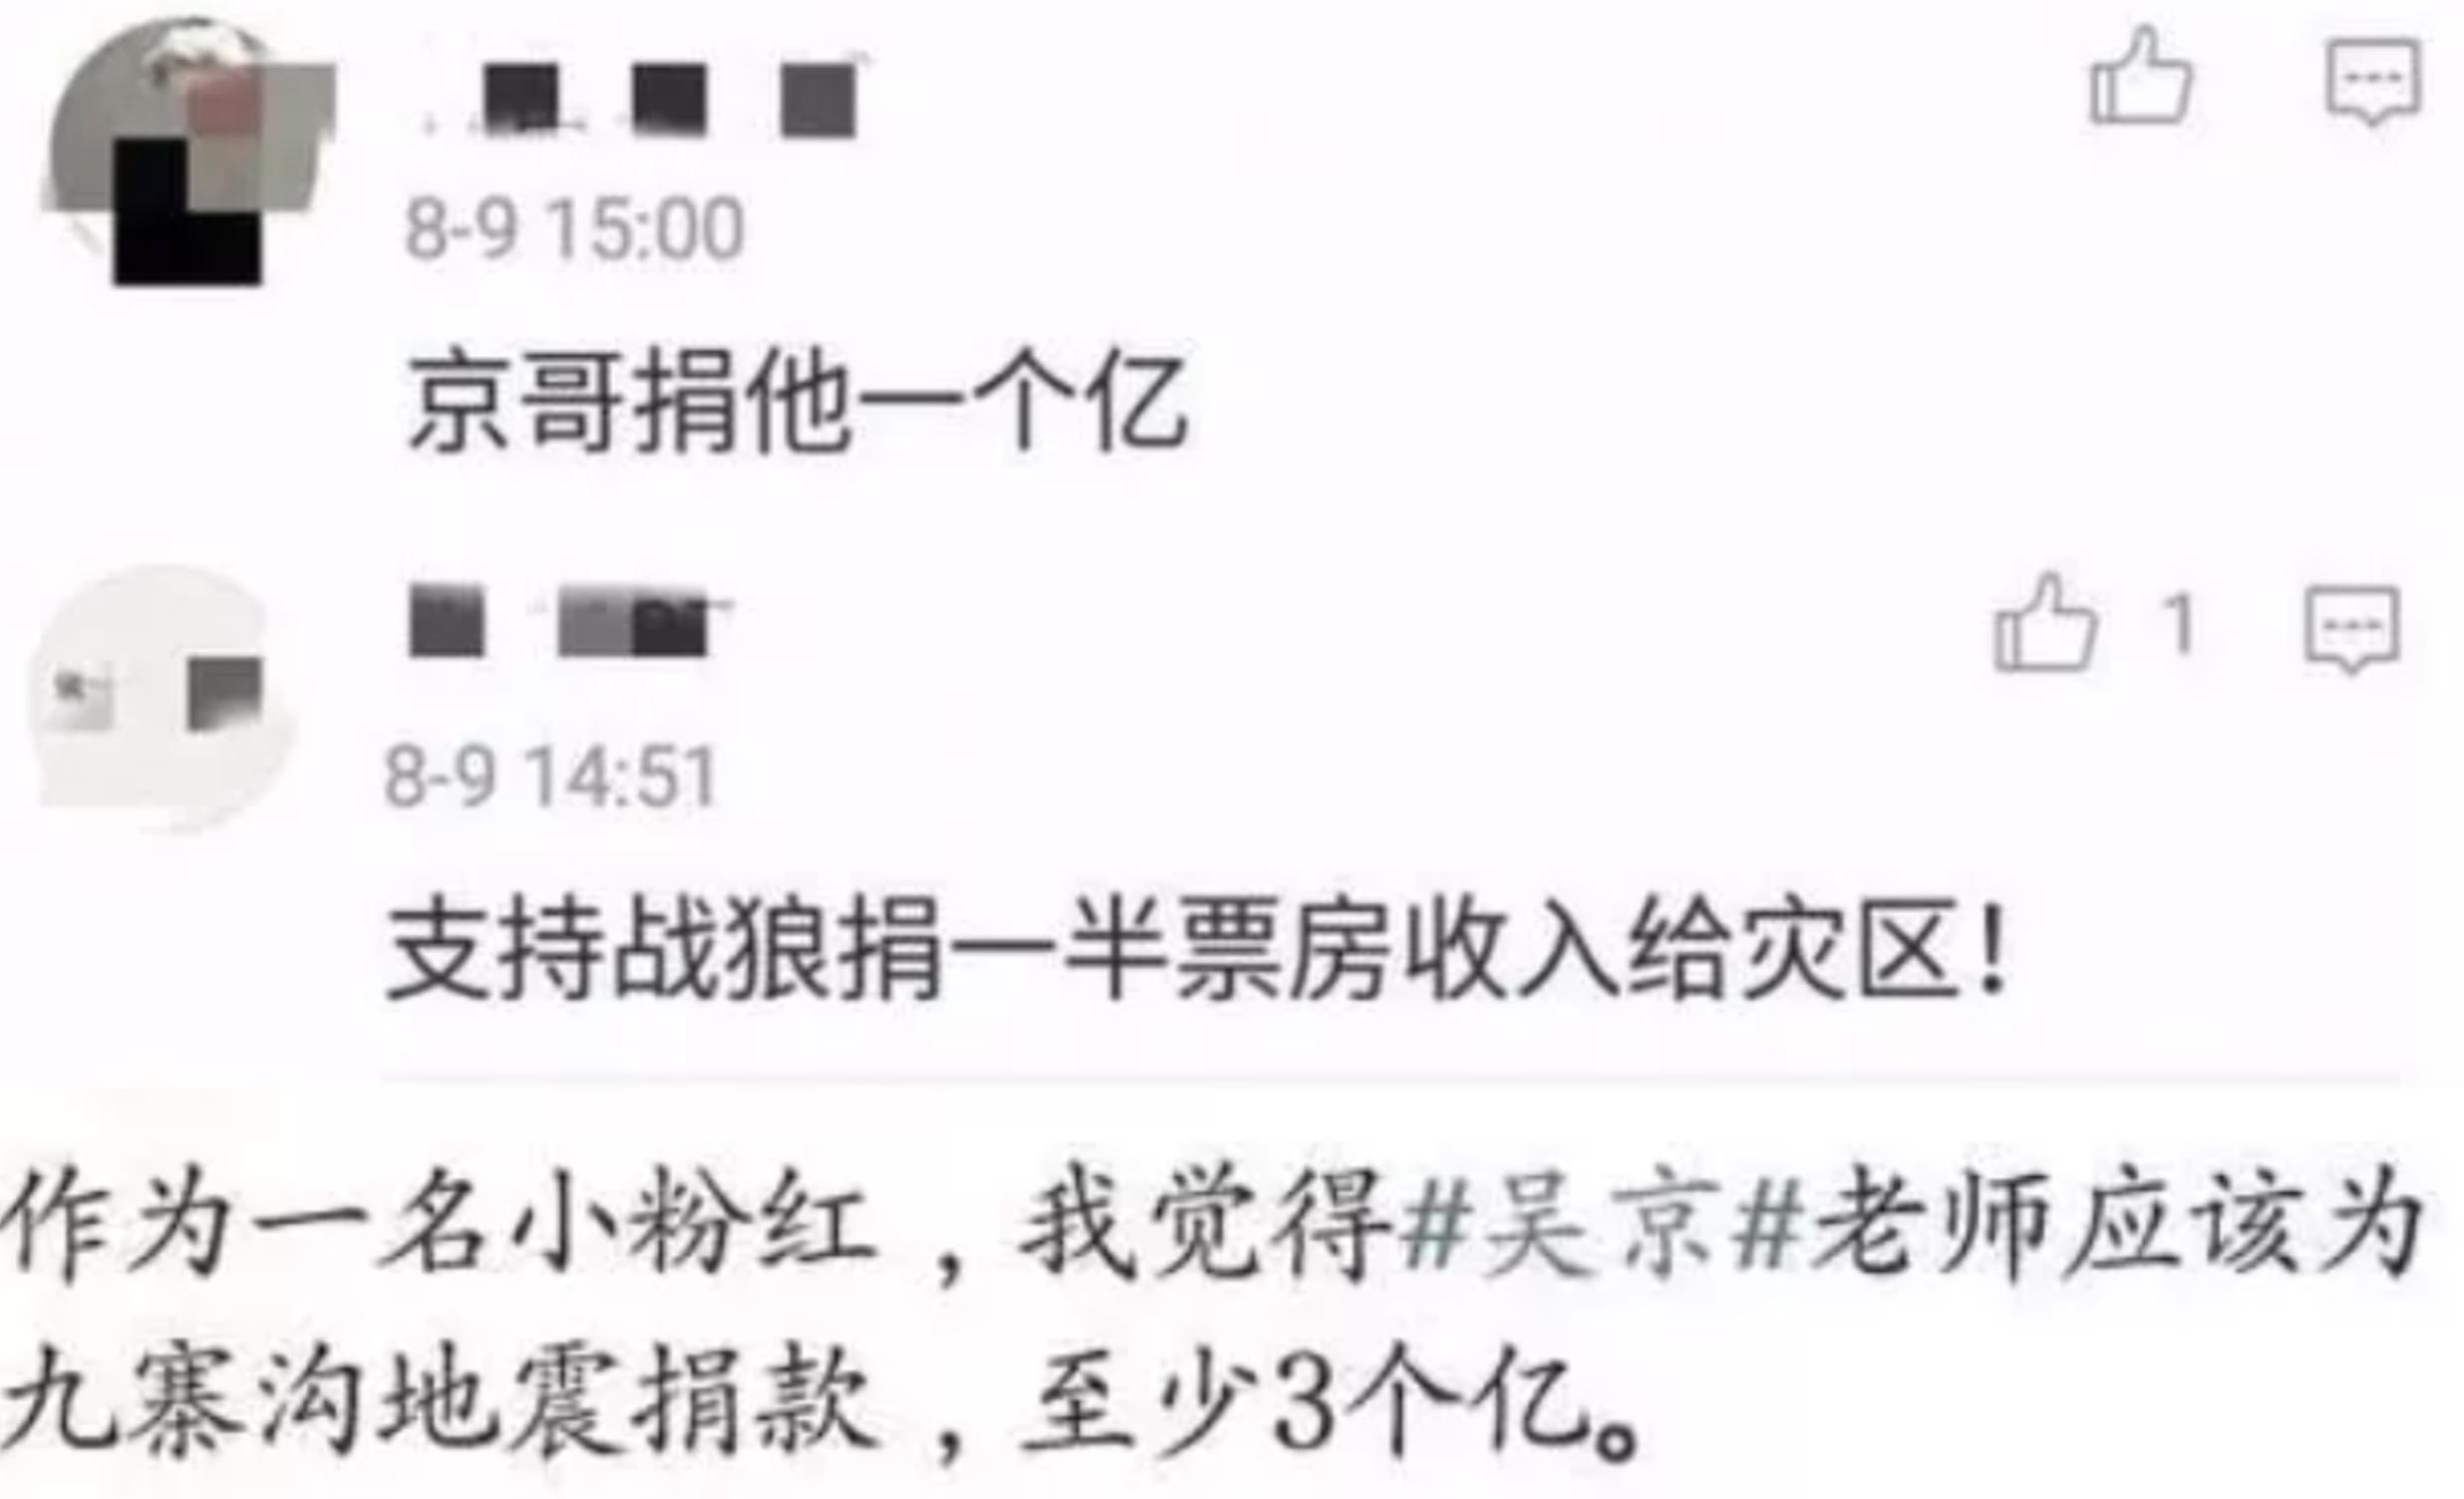 吴京票房228亿,和《长津湖》一起被逼捐,让我见识到人性的丑陋